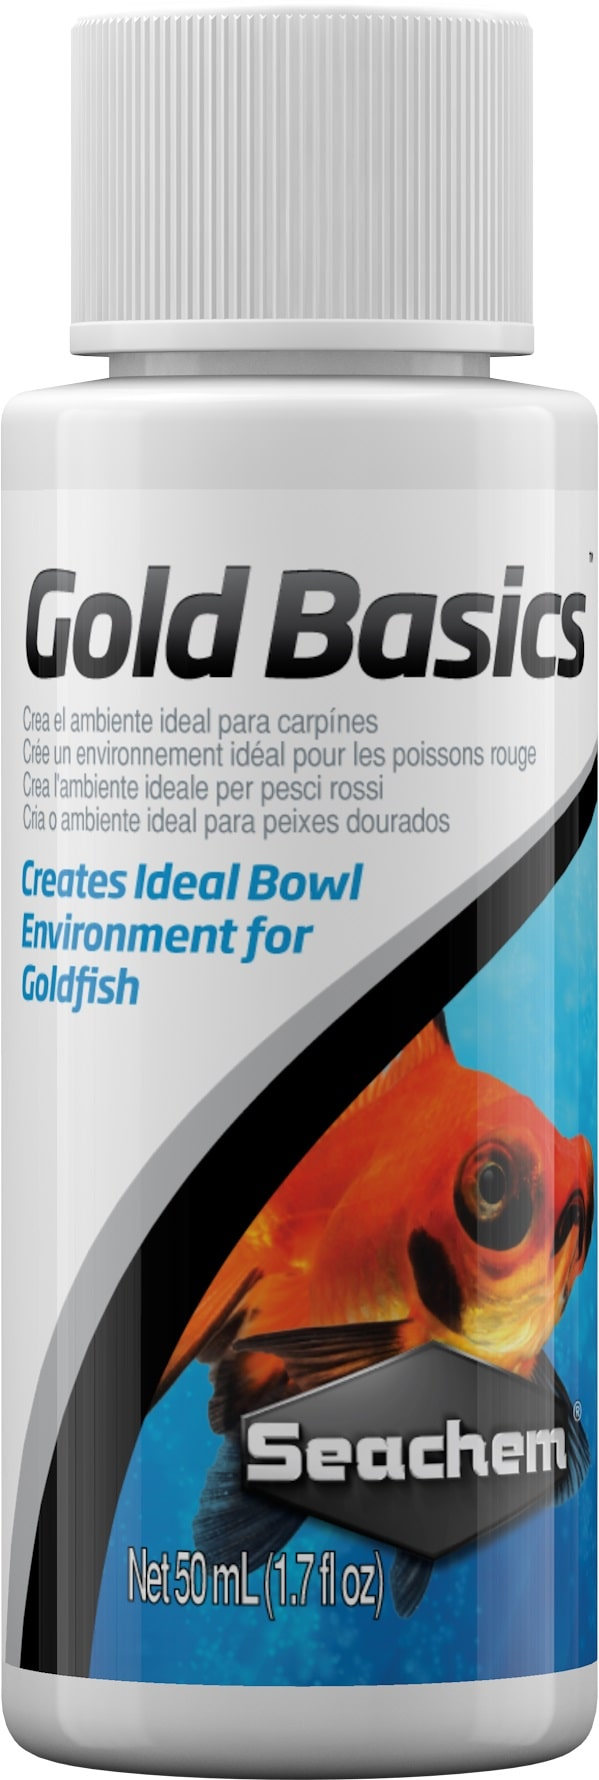 SEACHEM Gold Basics 50 ml conditionneur d\'eau complet pour poissons rouges et voiles